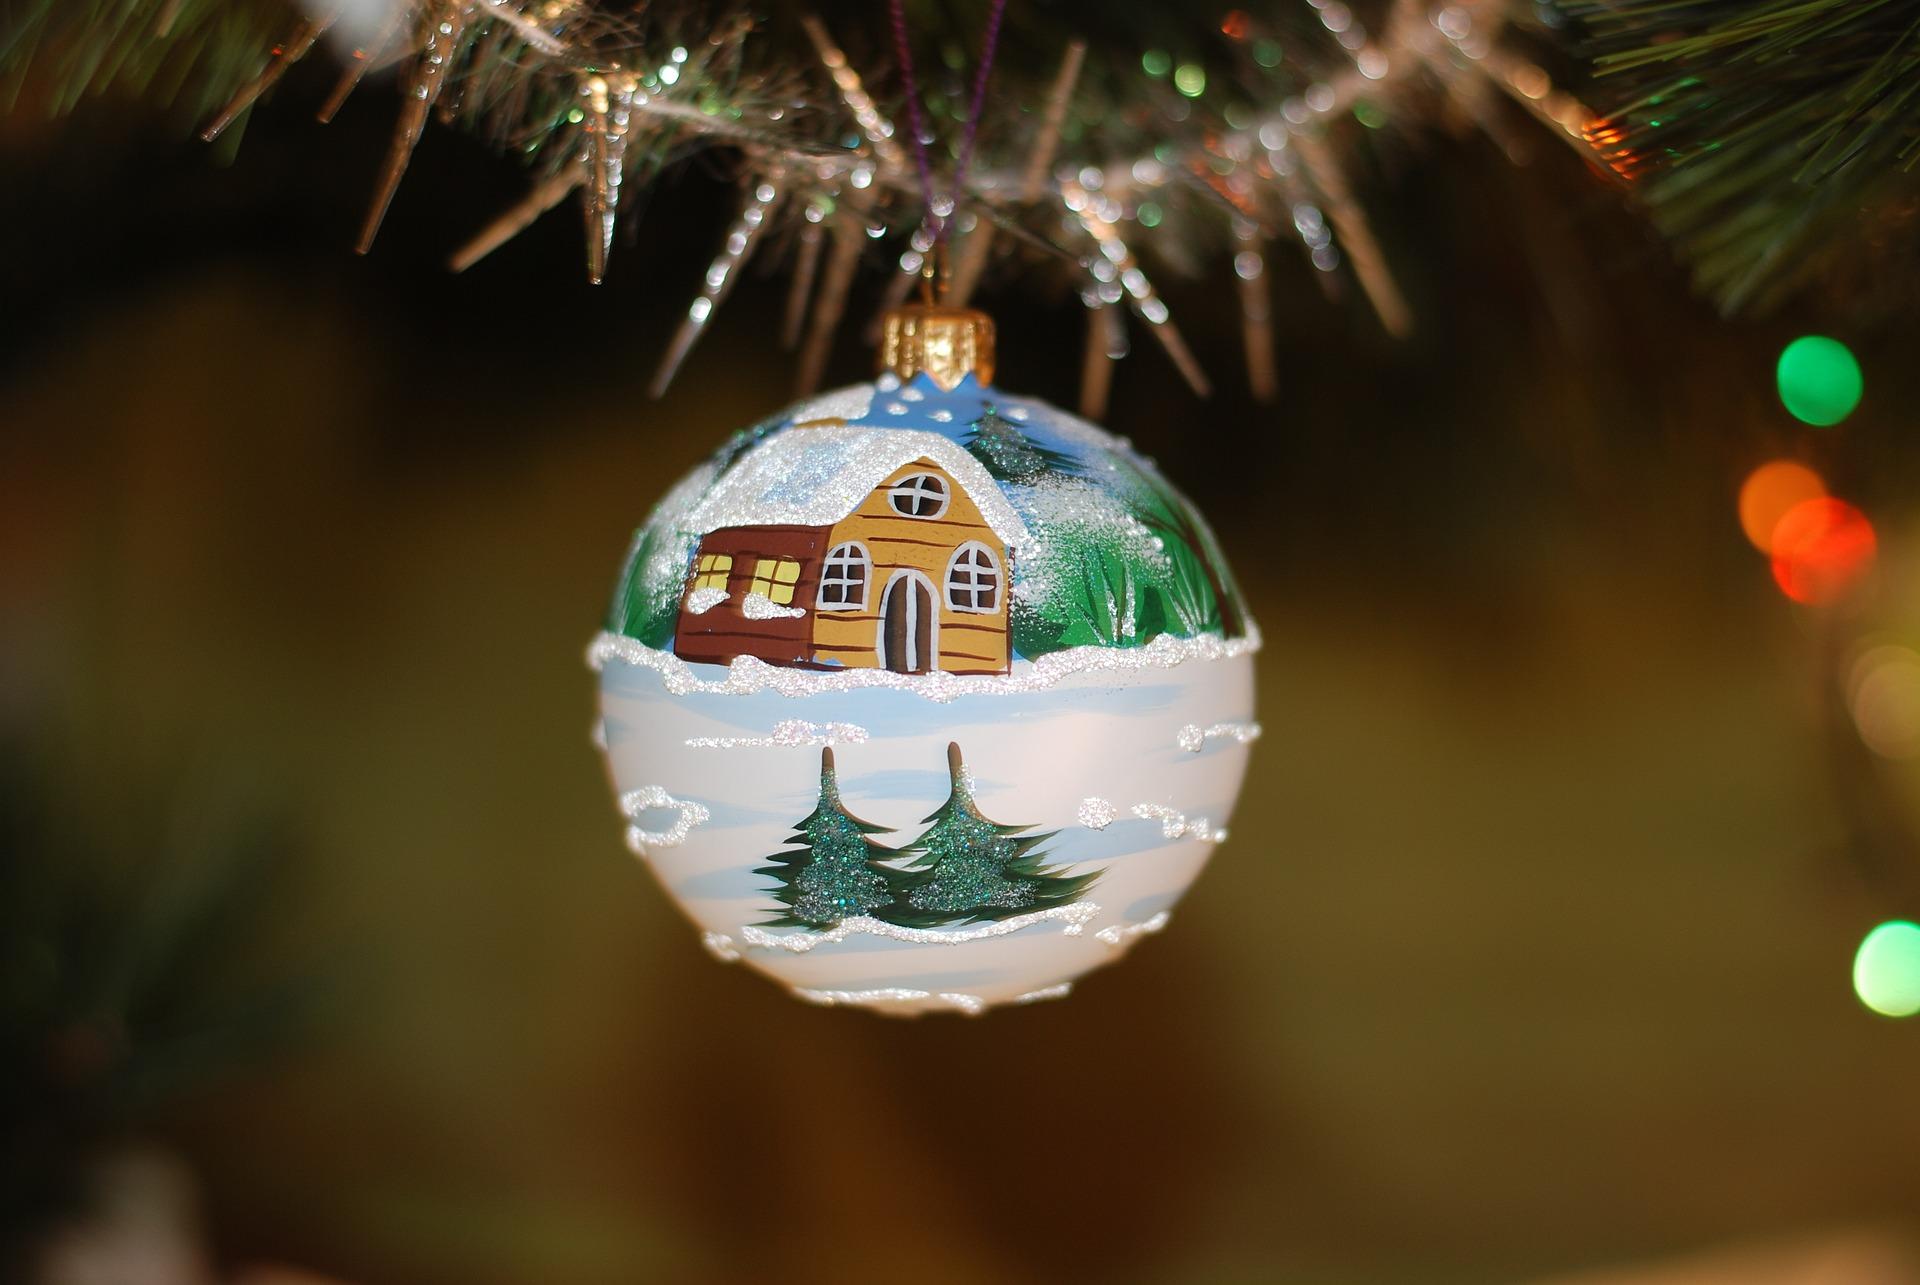 Juletræ Julepynt Jul Advent